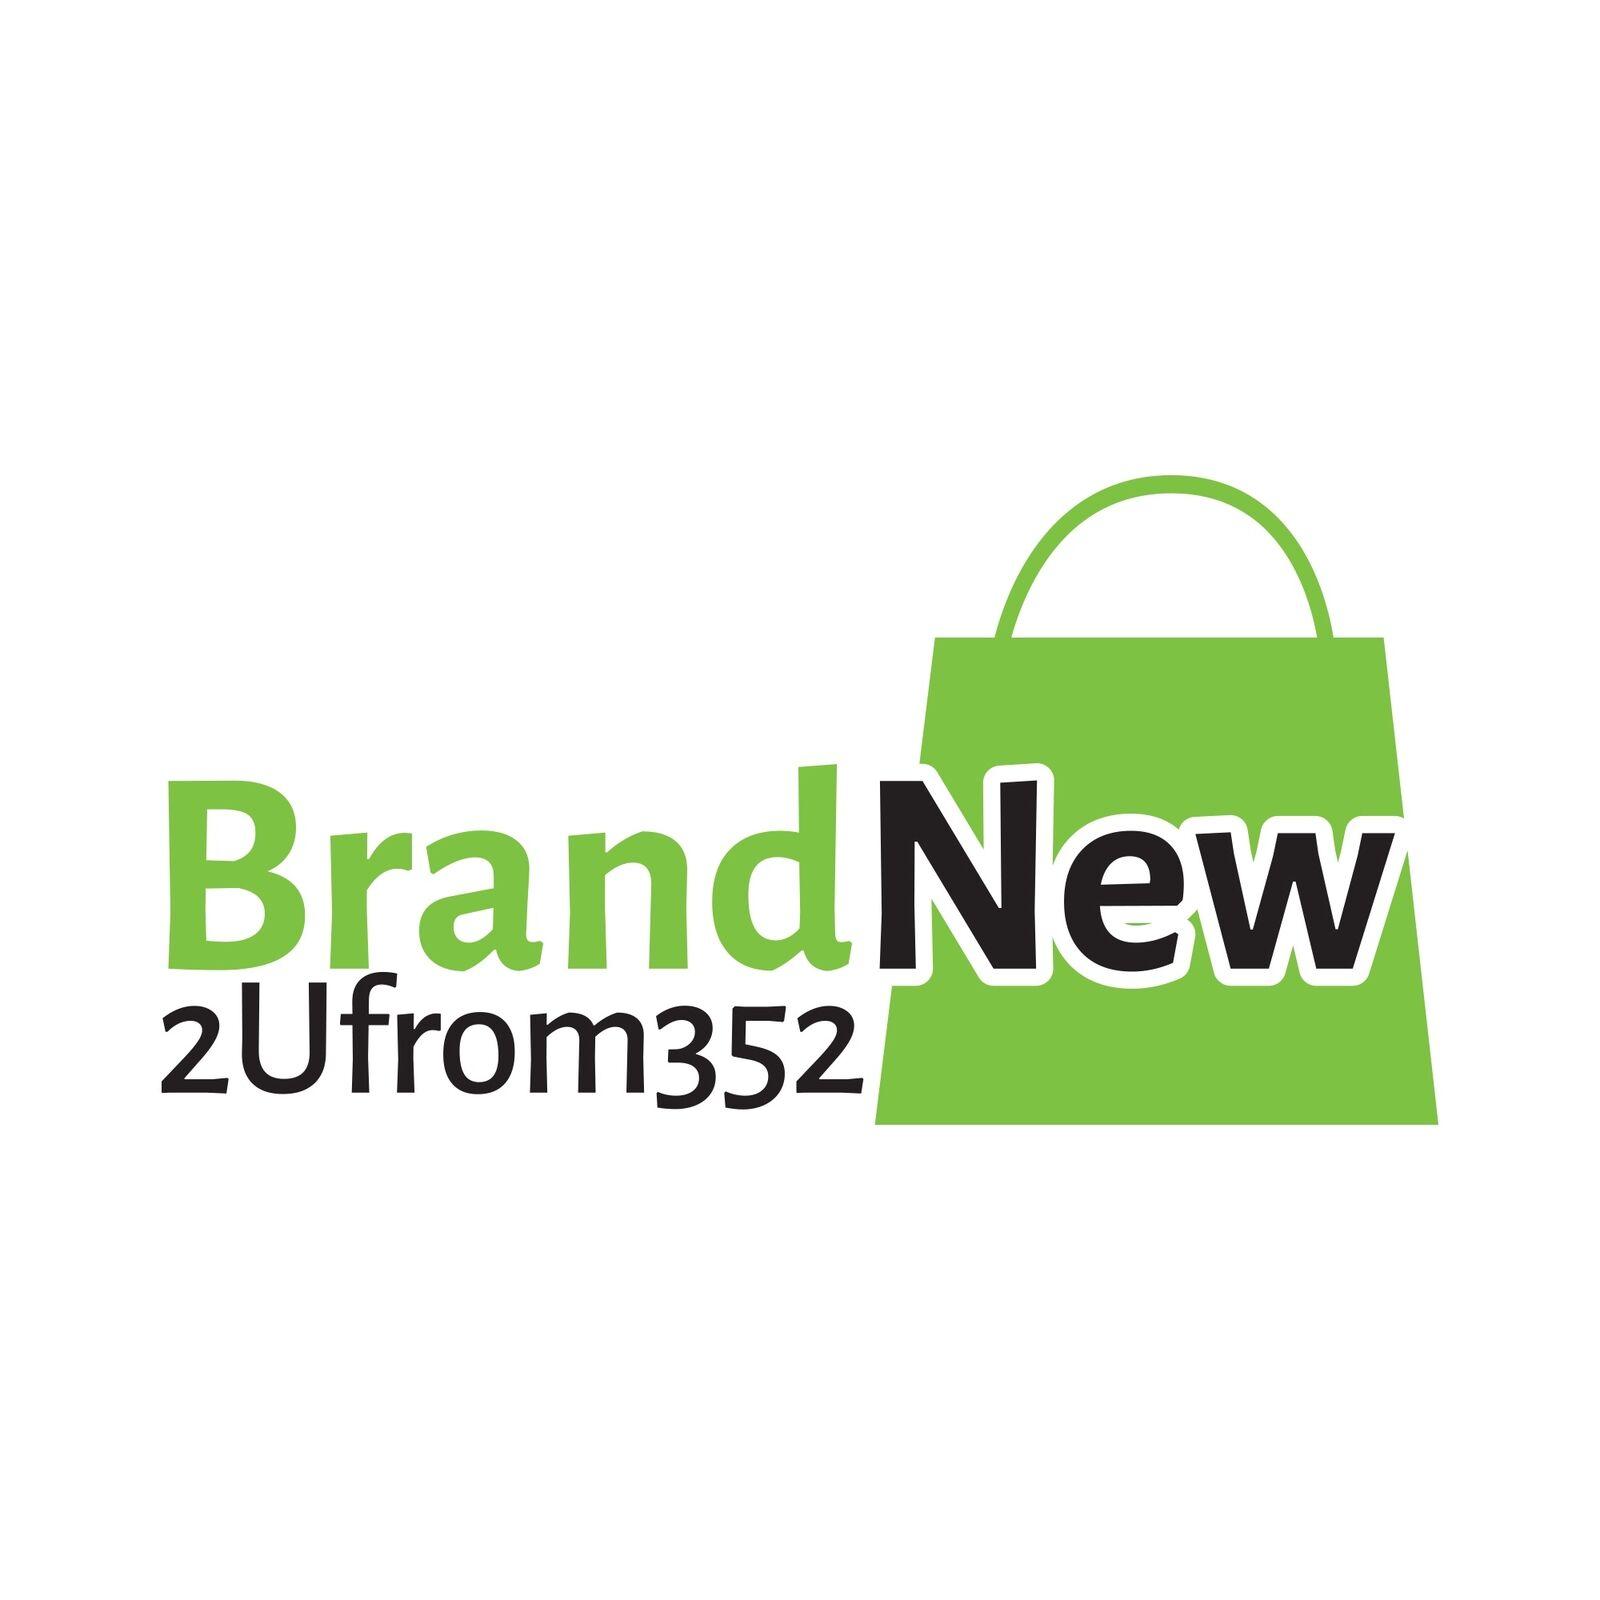 BrandNew2Ufrom352